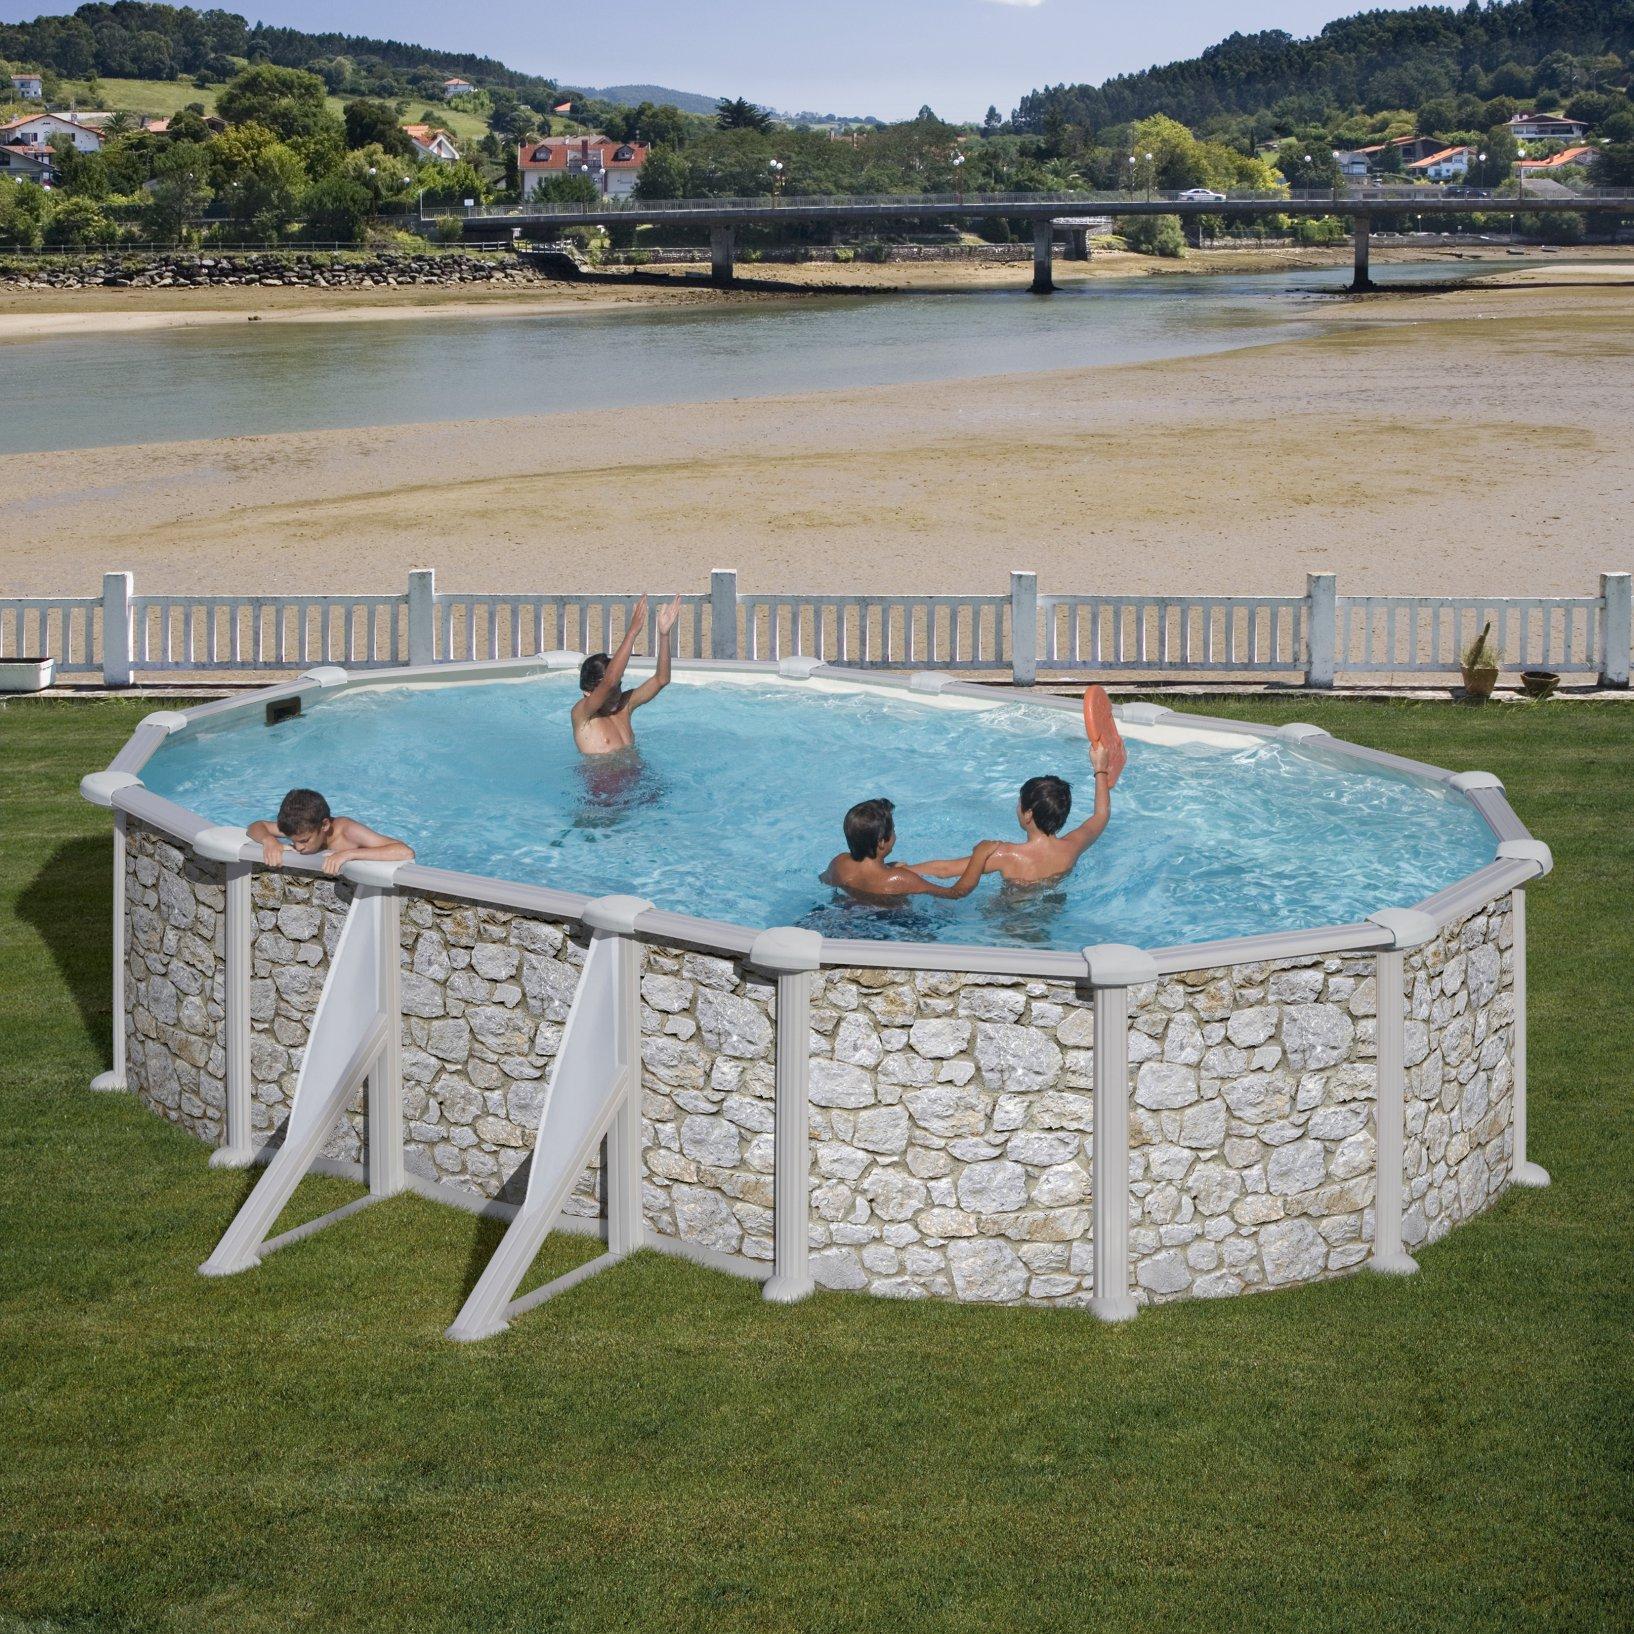 Ces 7 riens qui vous changent un jardin 5 plouf la piscine for Piscine hors sol urbanisme